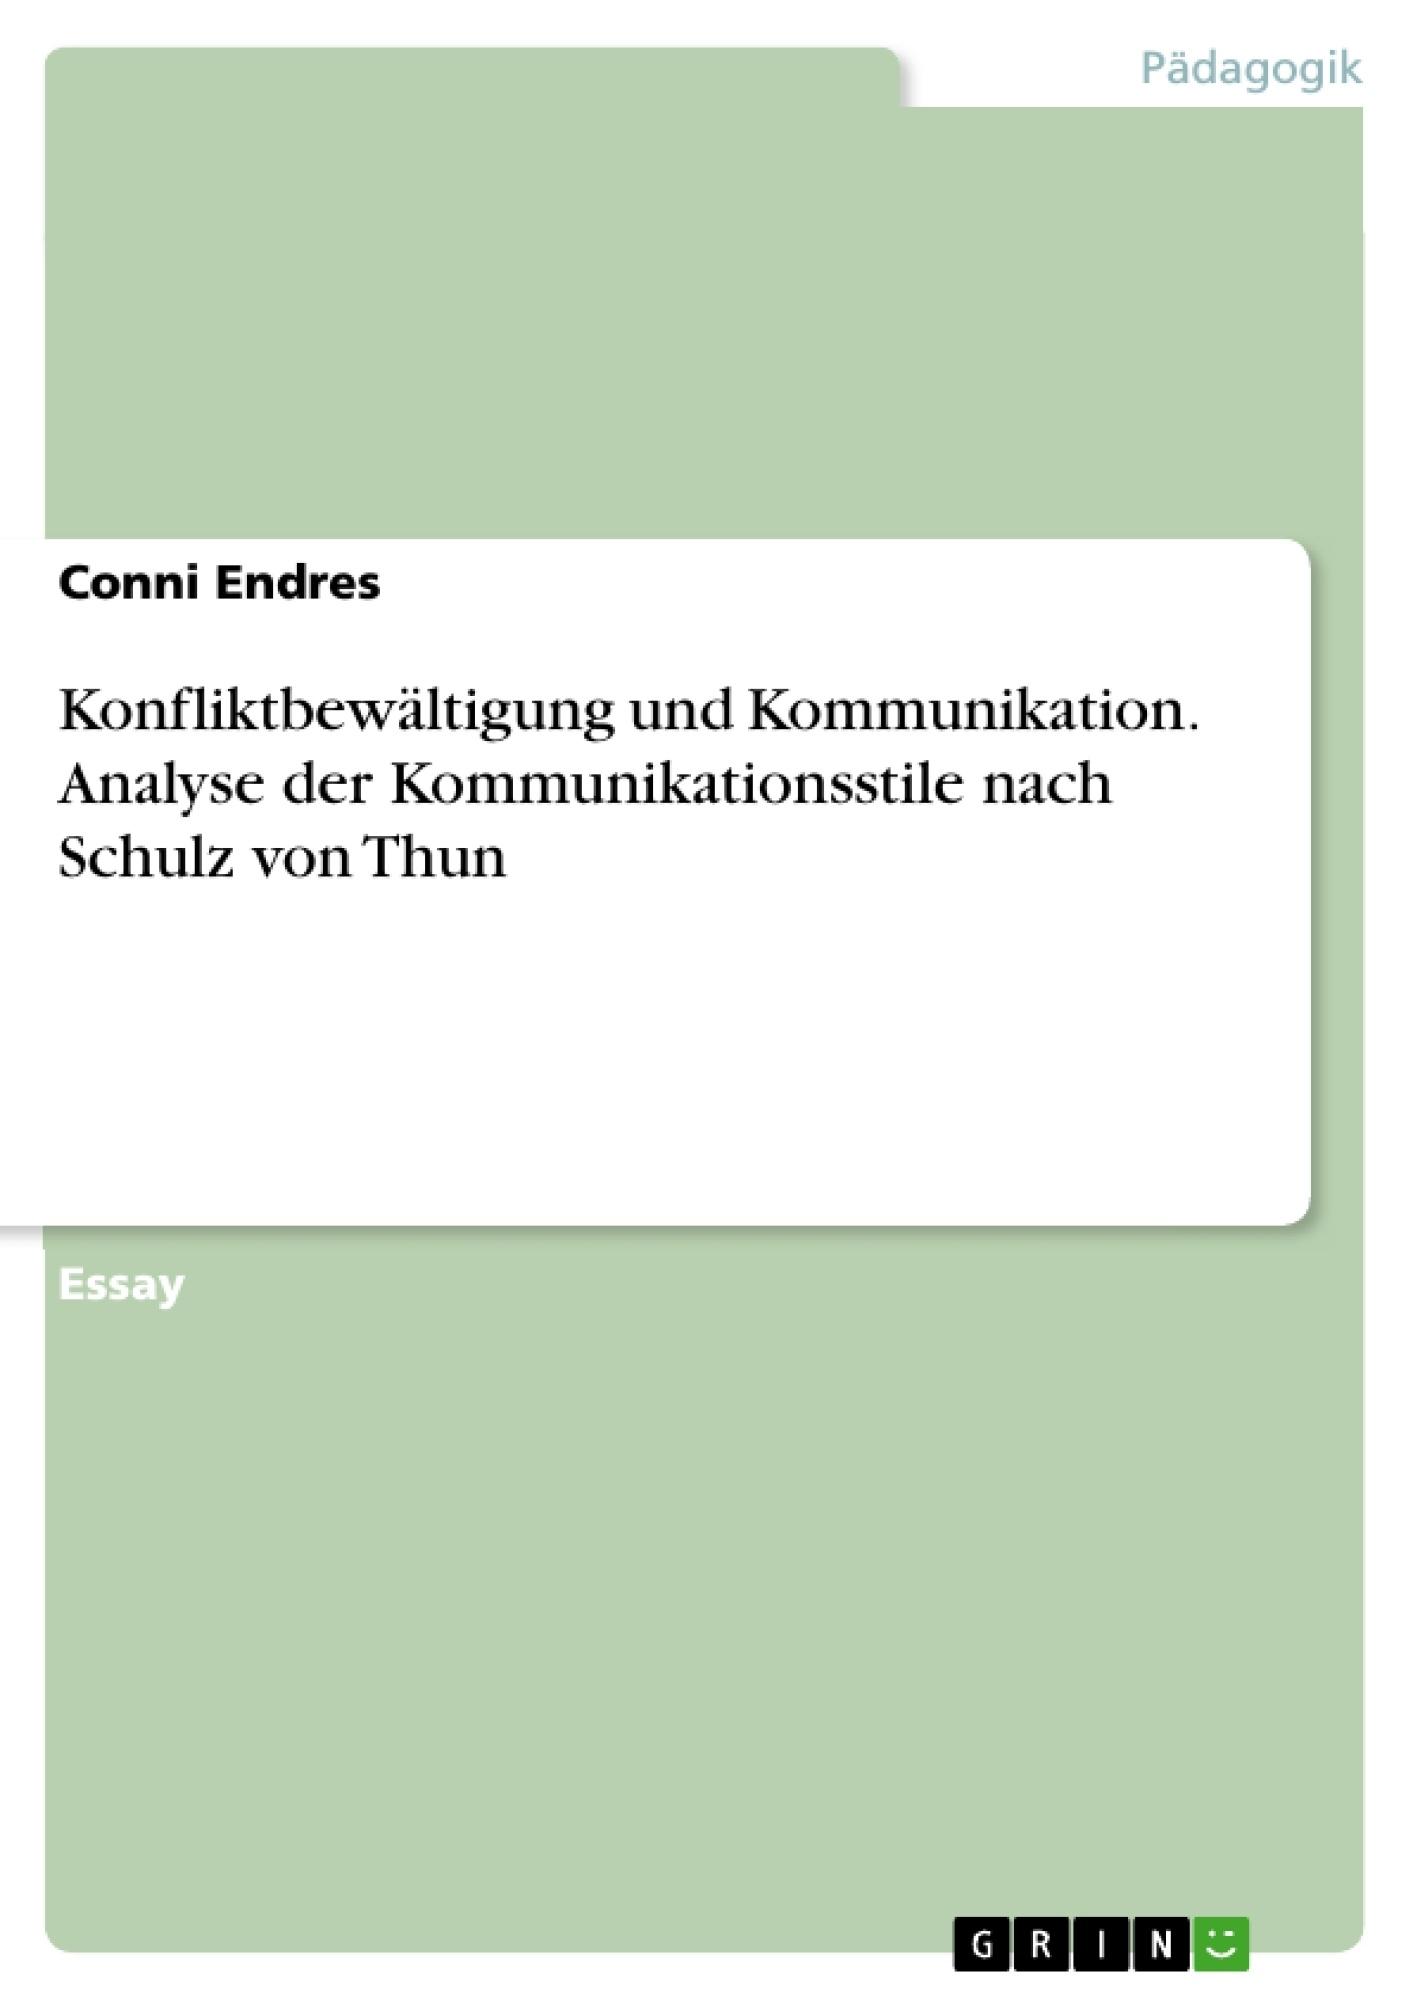 Titel: Konfliktbewältigung und Kommunikation. Analyse der Kommunikationsstile nach Schulz von Thun